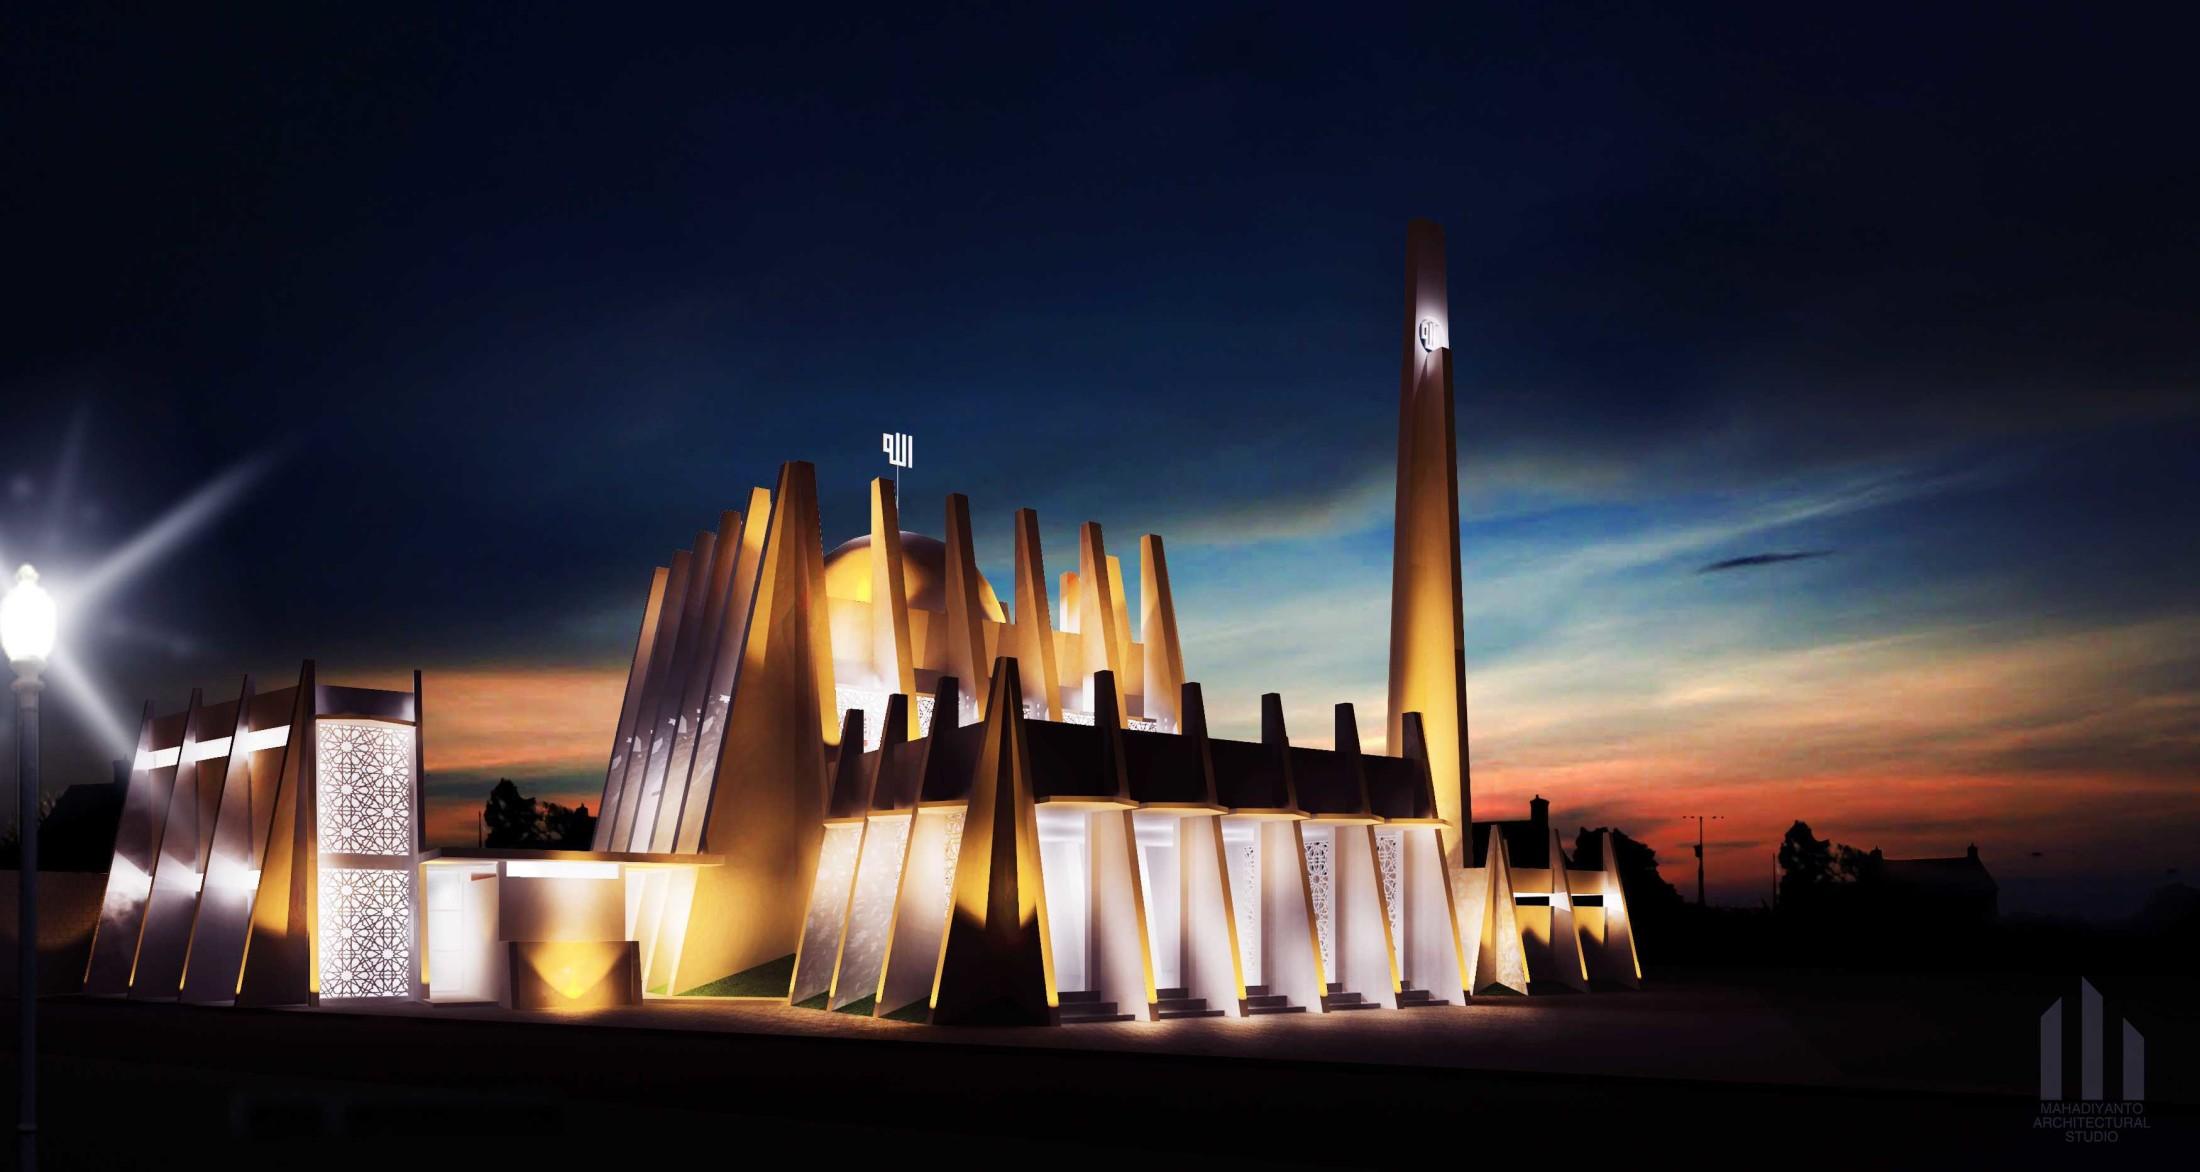 Desain masjid ini terinspirasi oleh bentuk jari-jari tangan manusia saat sedang berdoa dengan kubah berbentuk lafaz Allah sebagai simbol penyerahan diri manusia kepada Sang Pencipta. Tiang-tiang miring besar yang berwarna putih mengelilingi masjid membuat tampilan bangunan ini tampak megah, suci, kokoh, sekaligus unik.